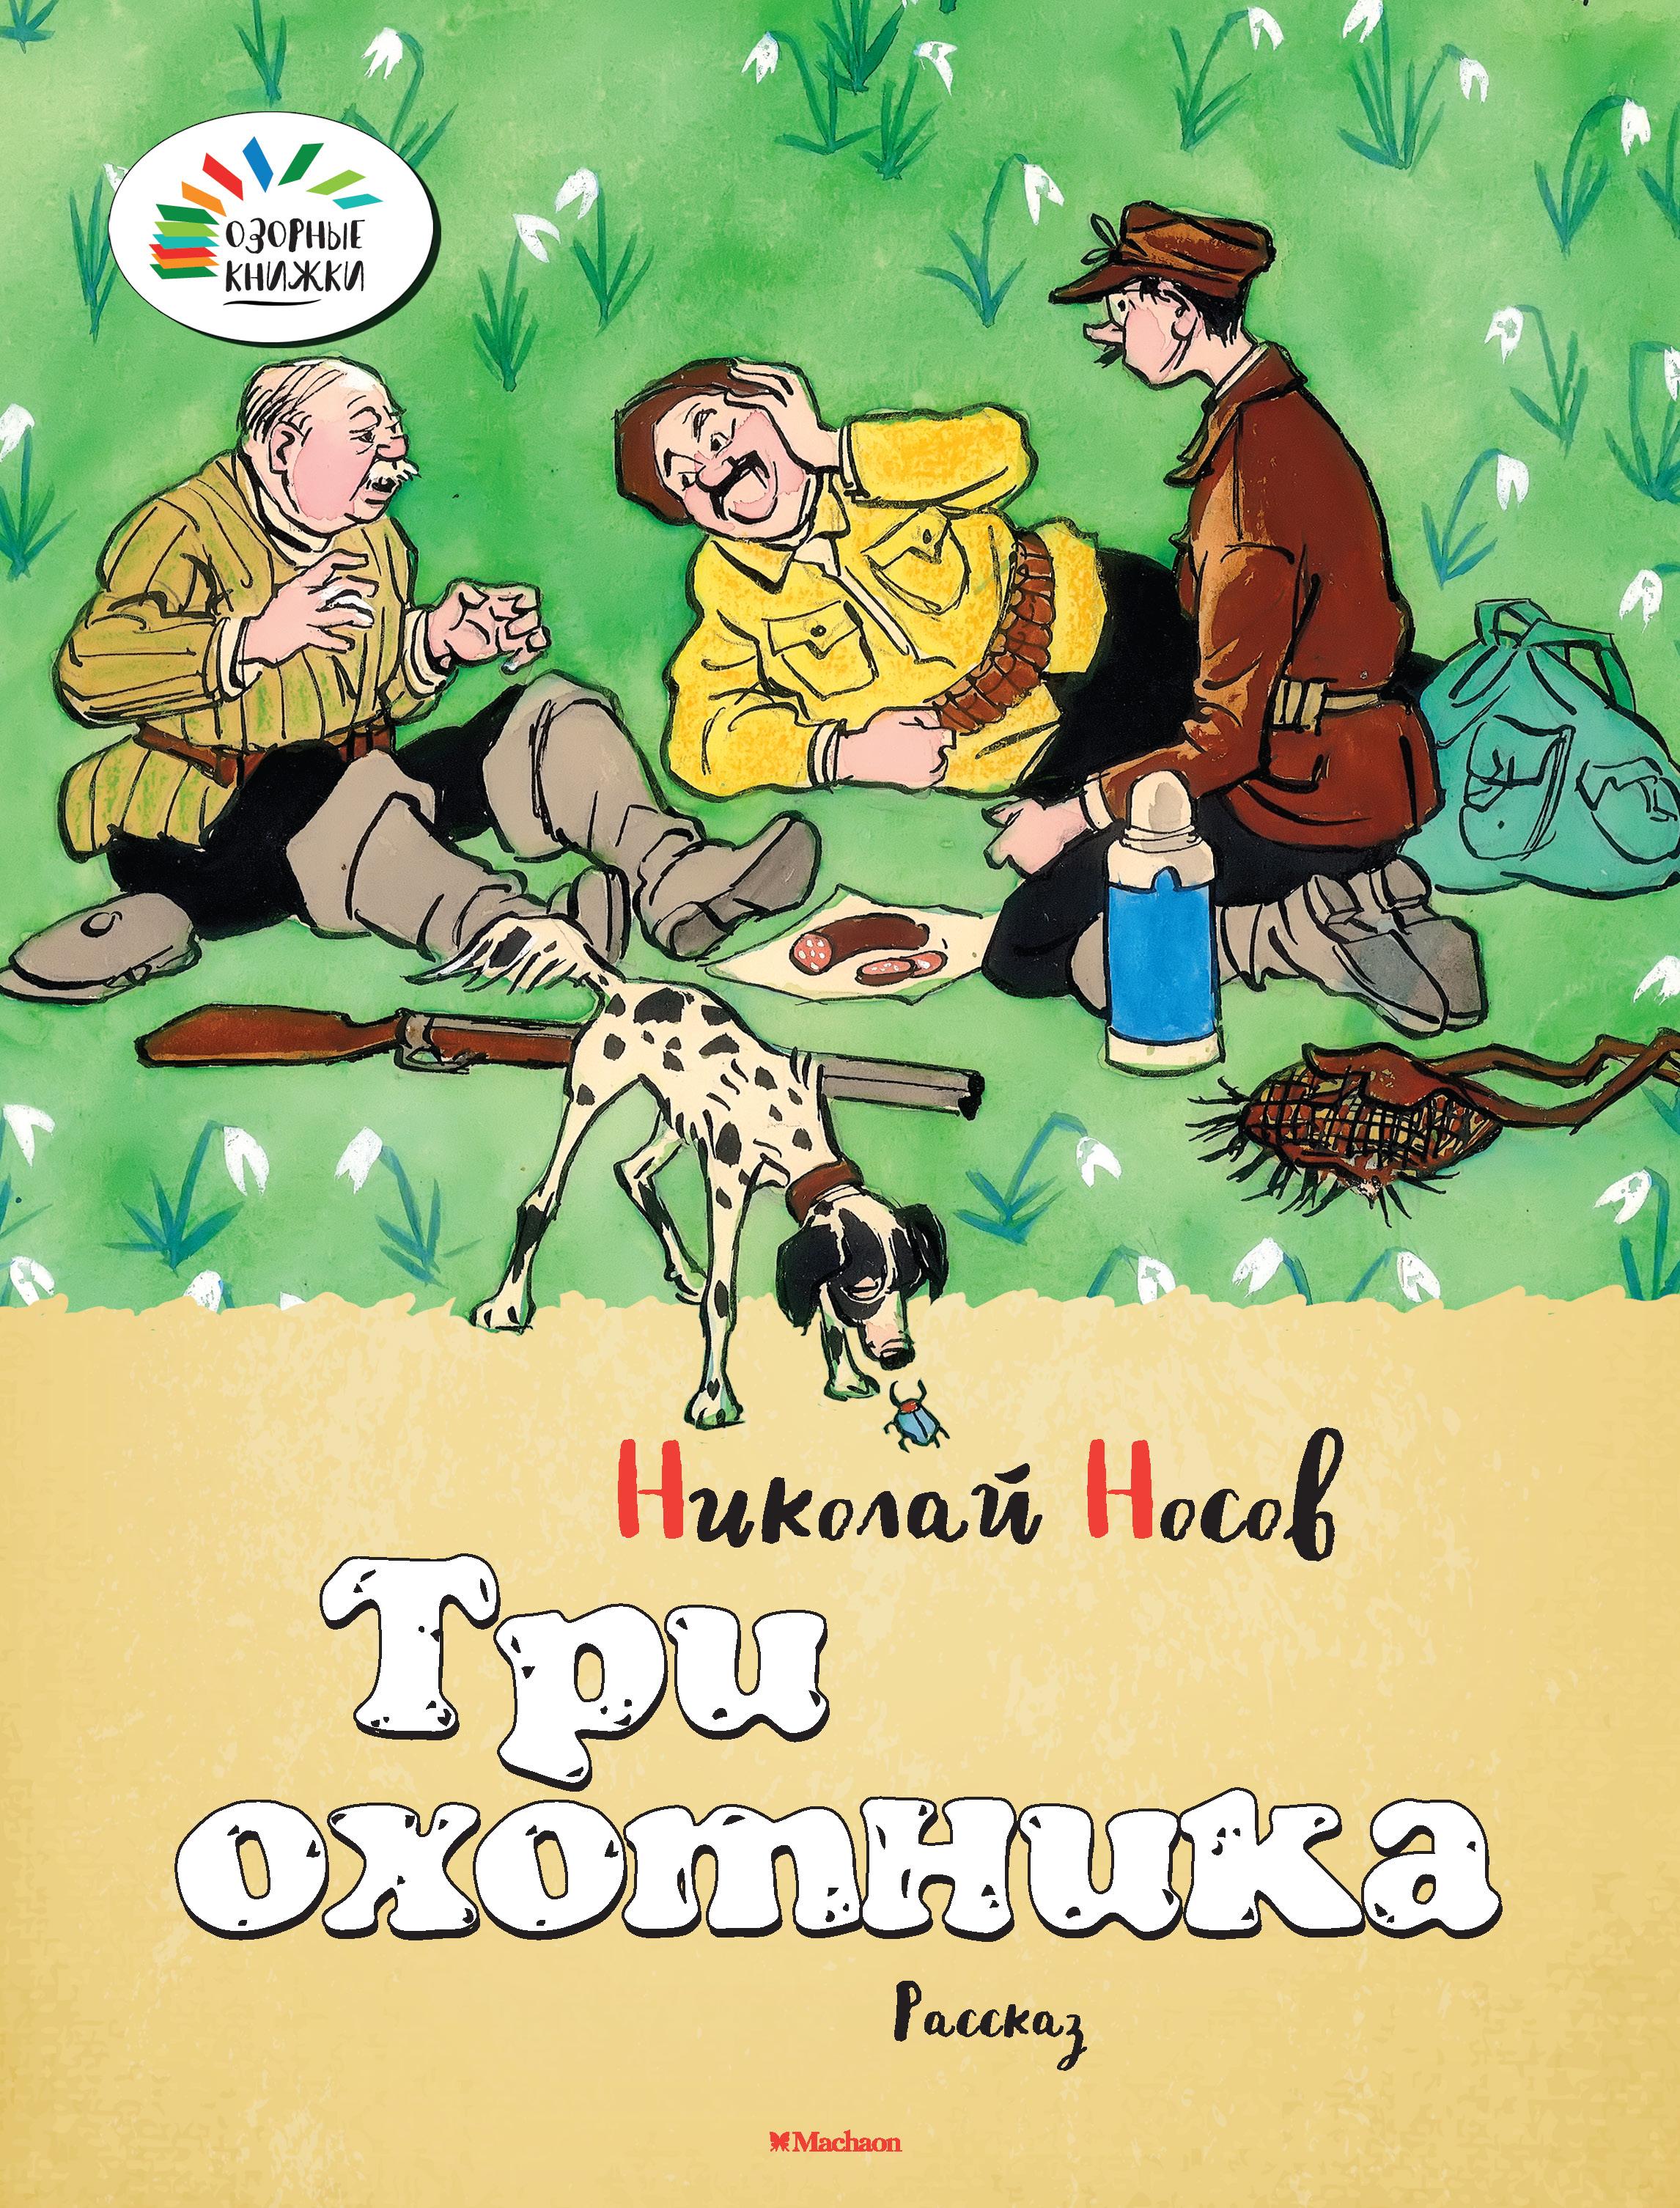 Книга Носов Н. «Три охотника» из серии «Озорные книжки»Внеклассное чтение 6+<br>Книга Носов Н. «Три охотника» из серии «Озорные книжки»<br>